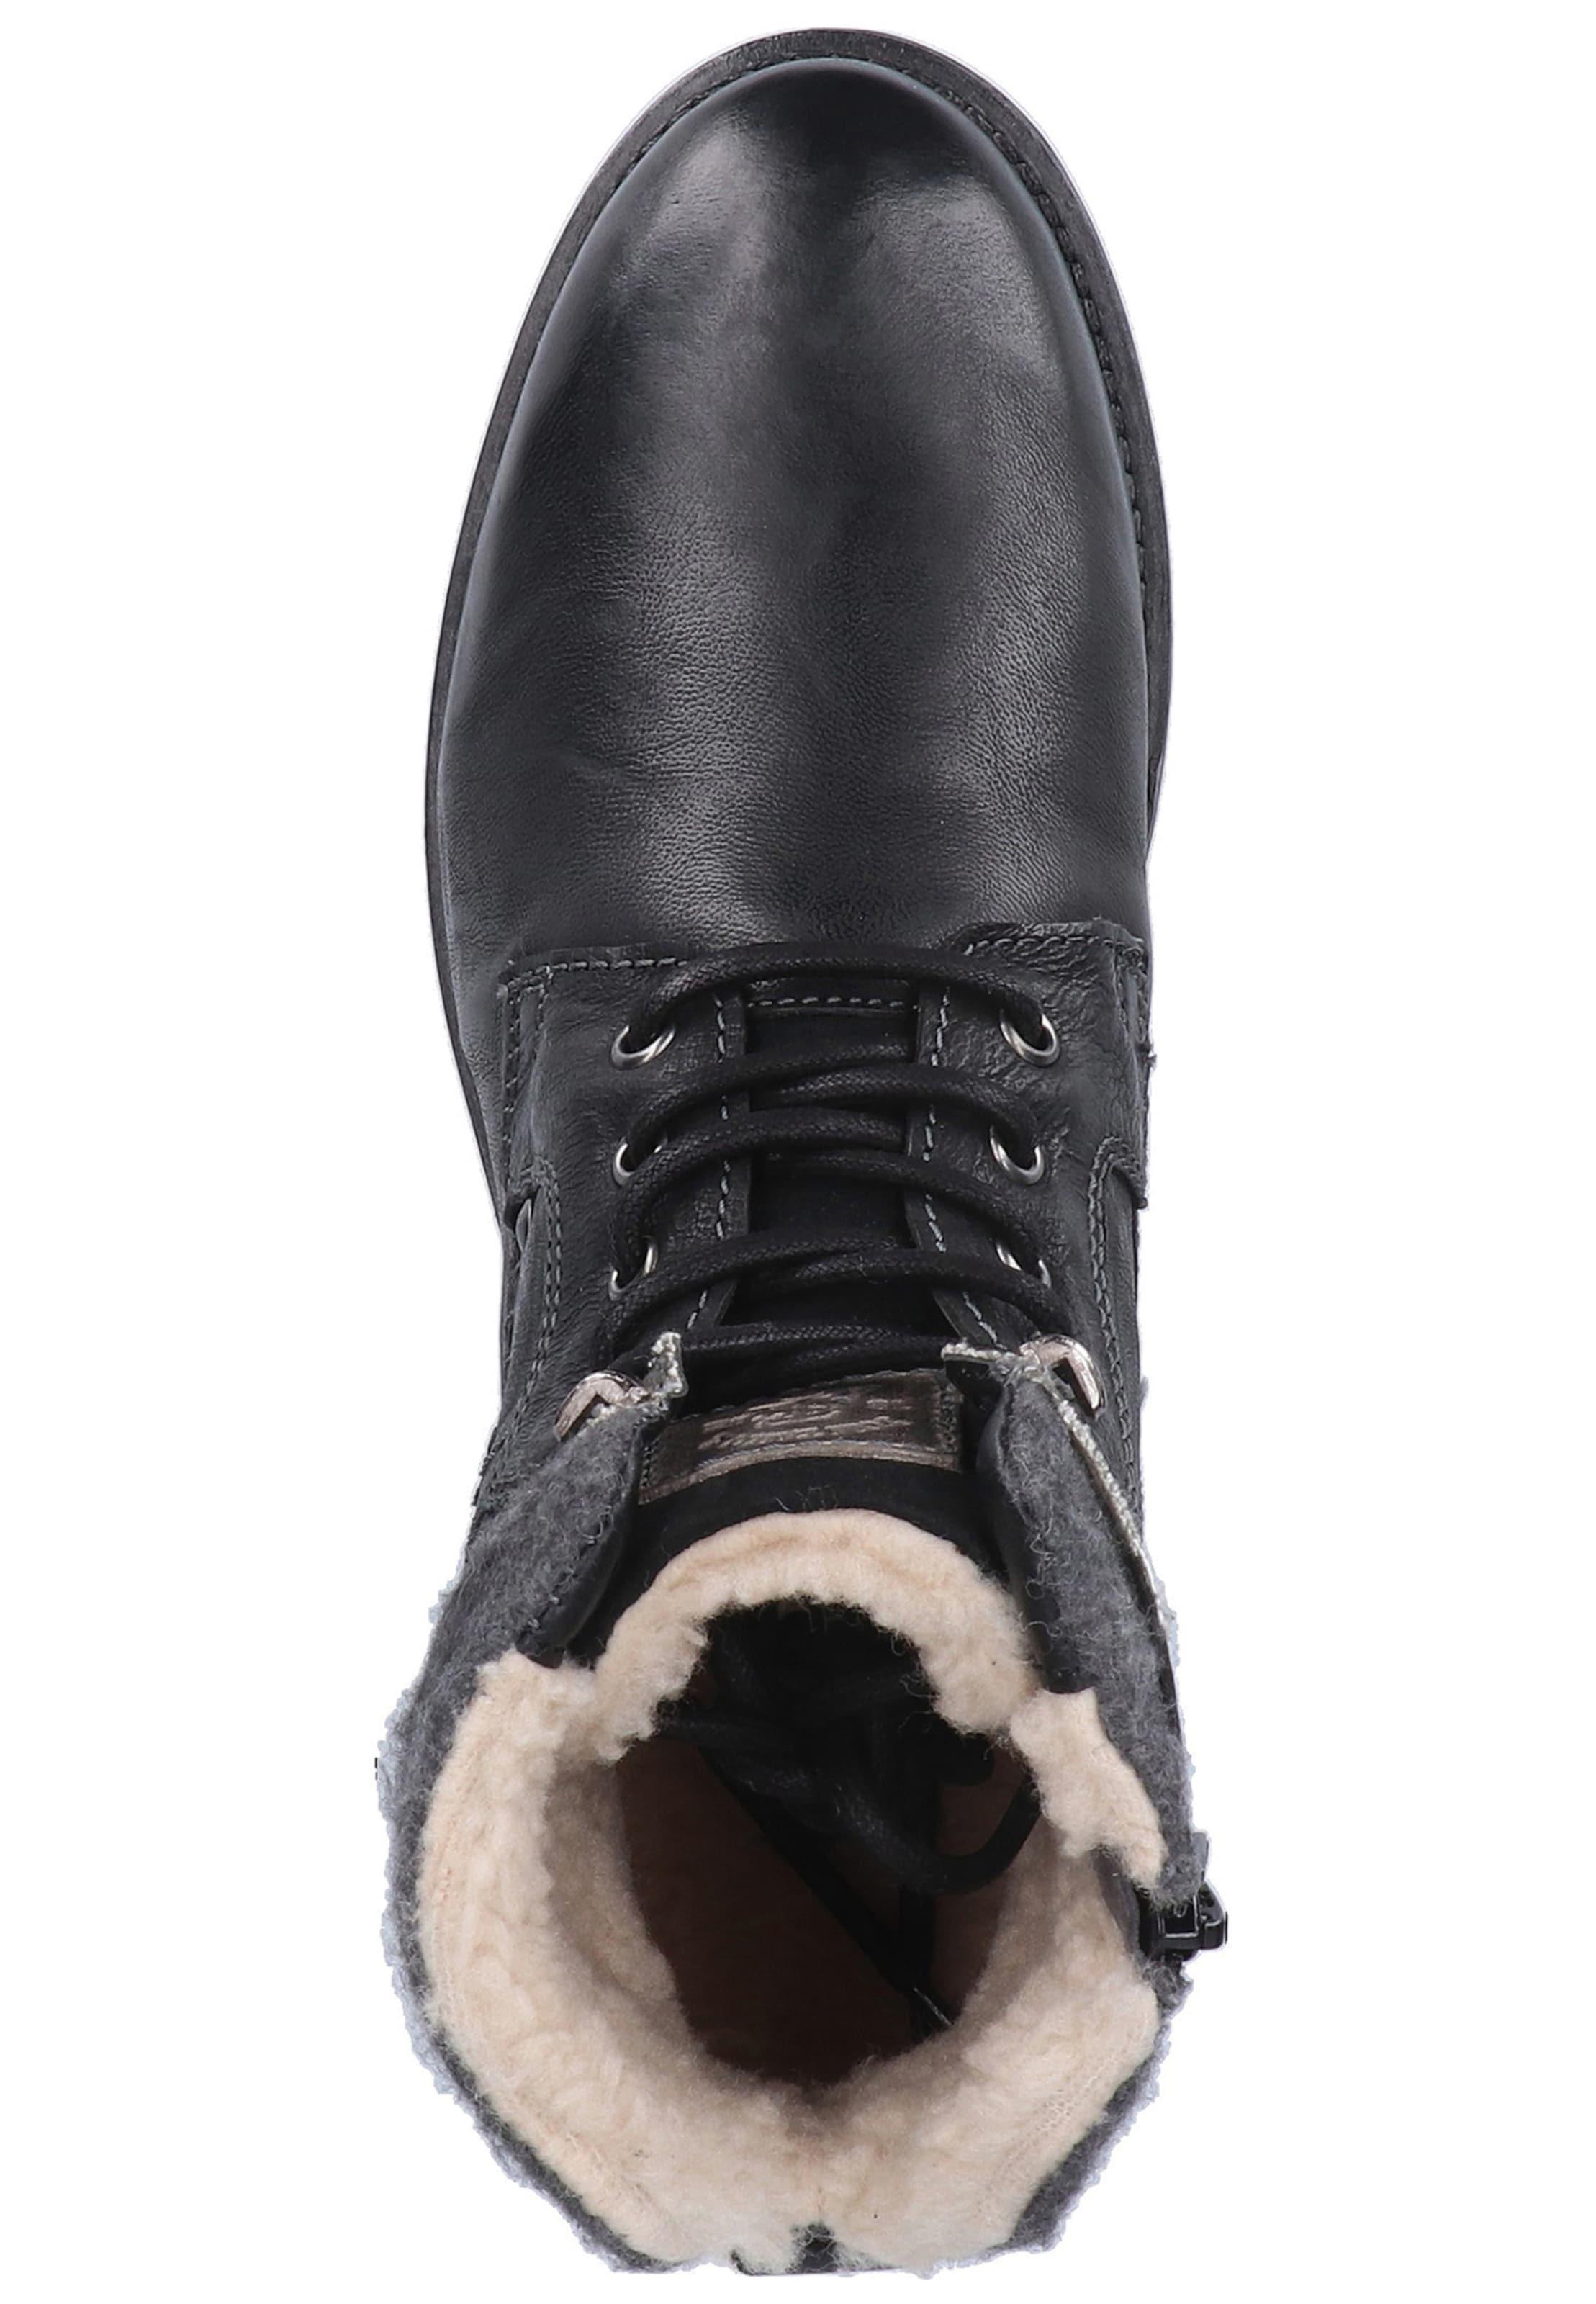 Bottes Noir Lacets Tom Tailor En À cj3RSL5Aq4